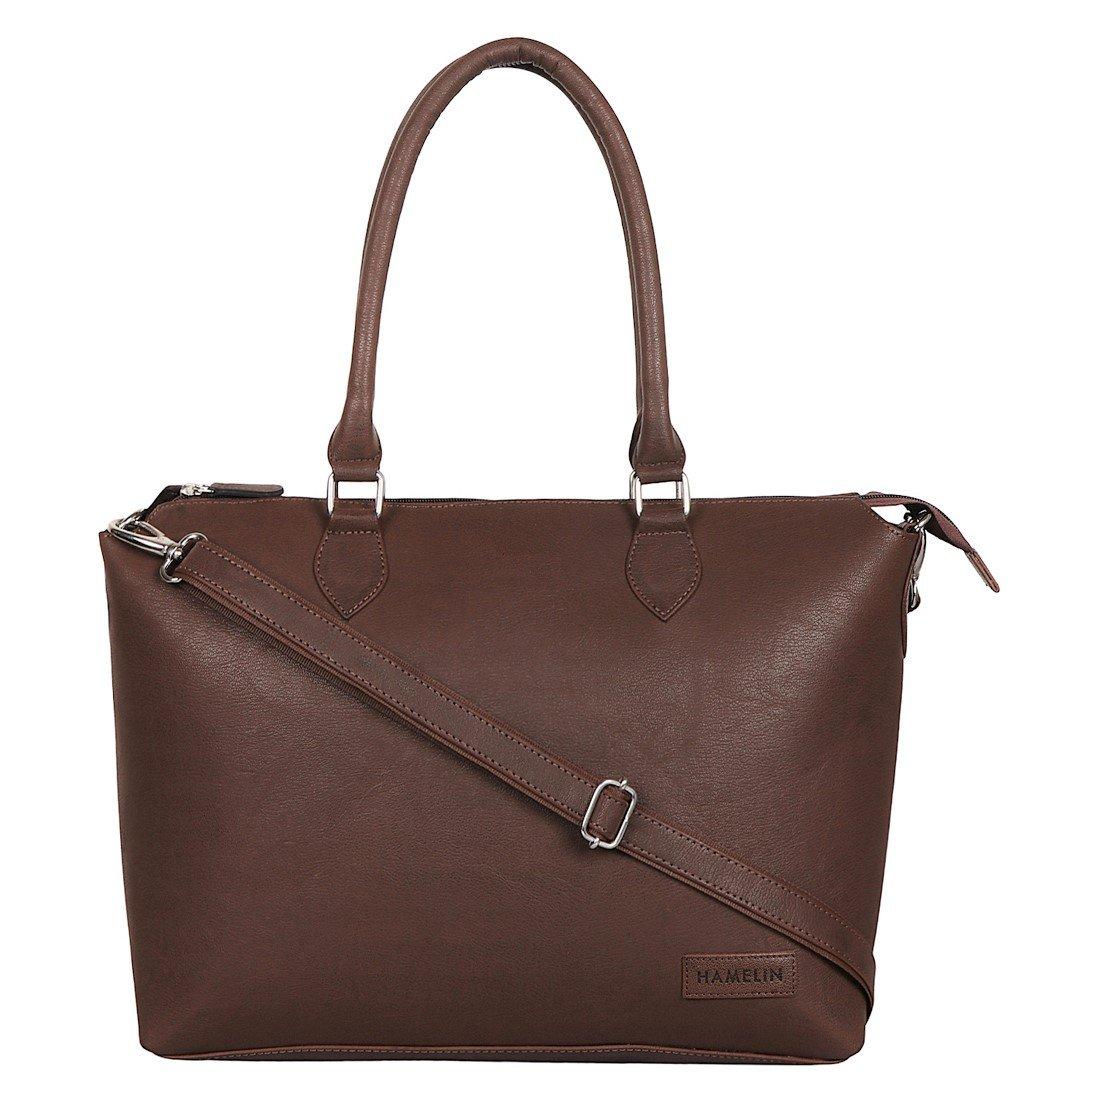 Hamelin Essentials - Tote Bag 096f35d7c17c5